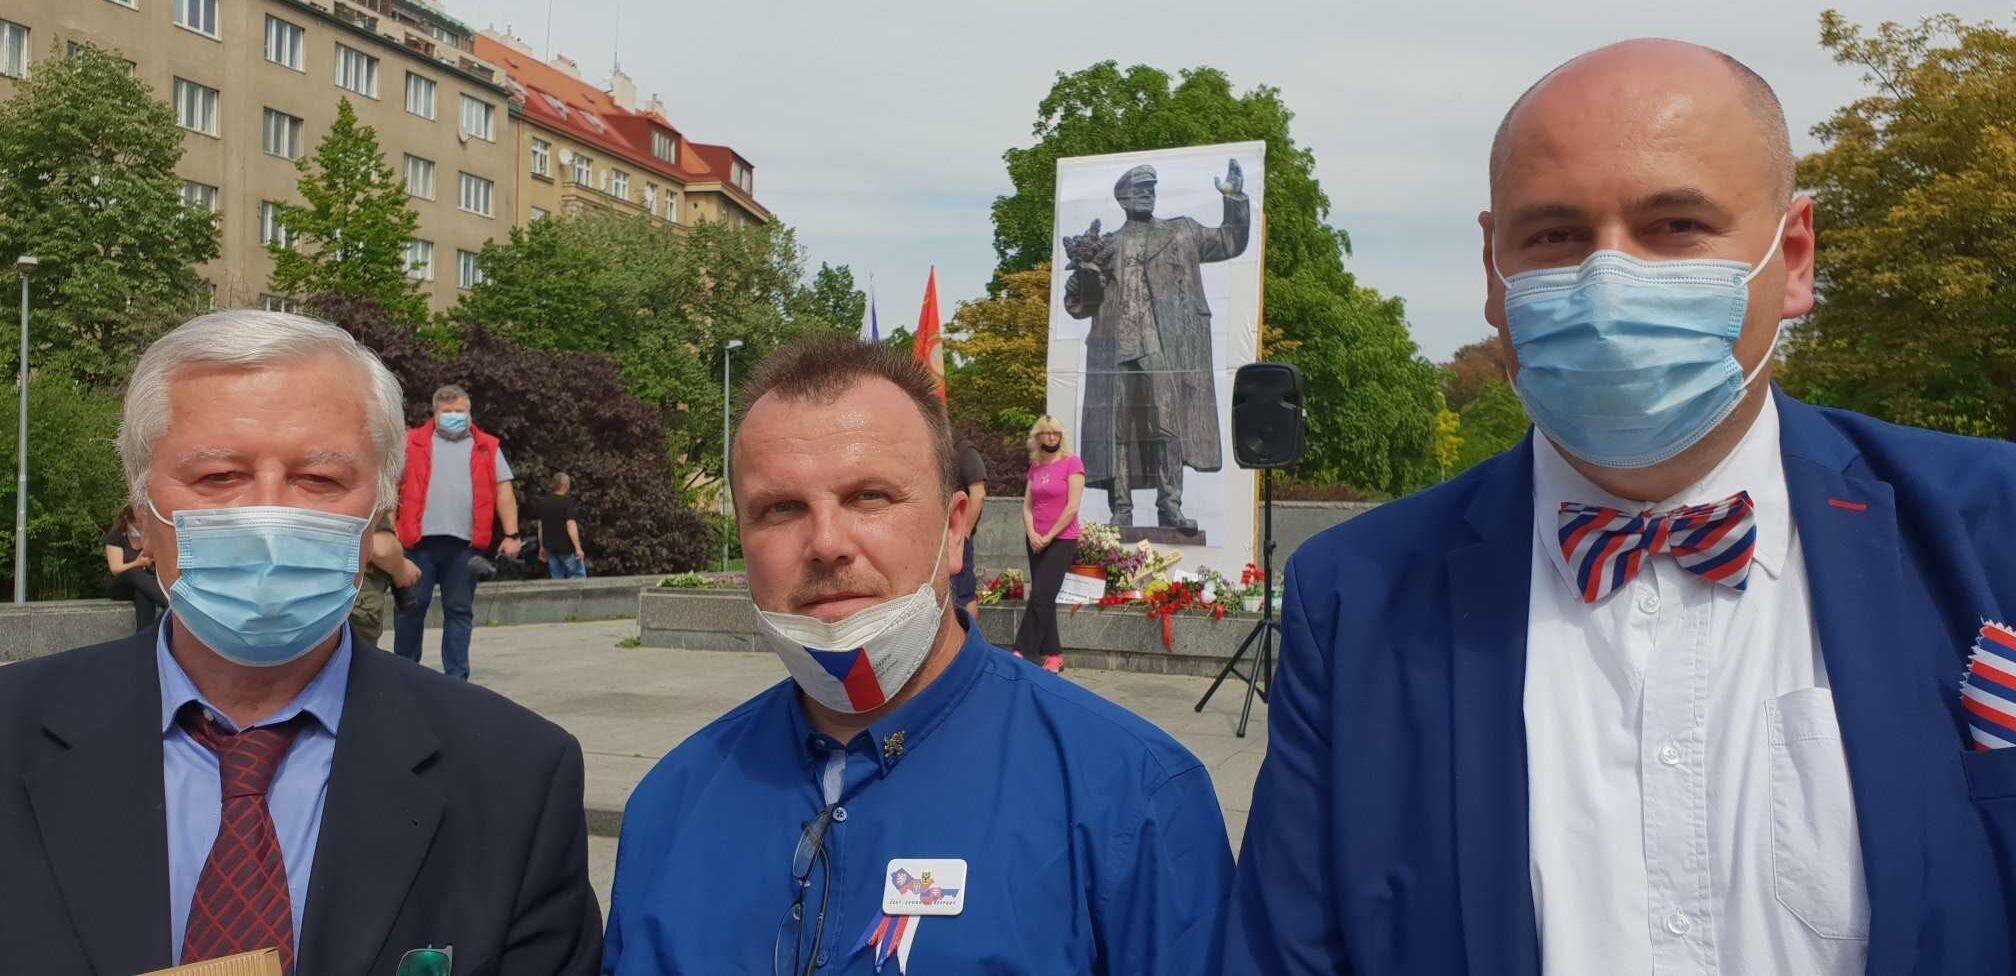 Josef Skála, JiříČernohorský, Robert Vašíček.